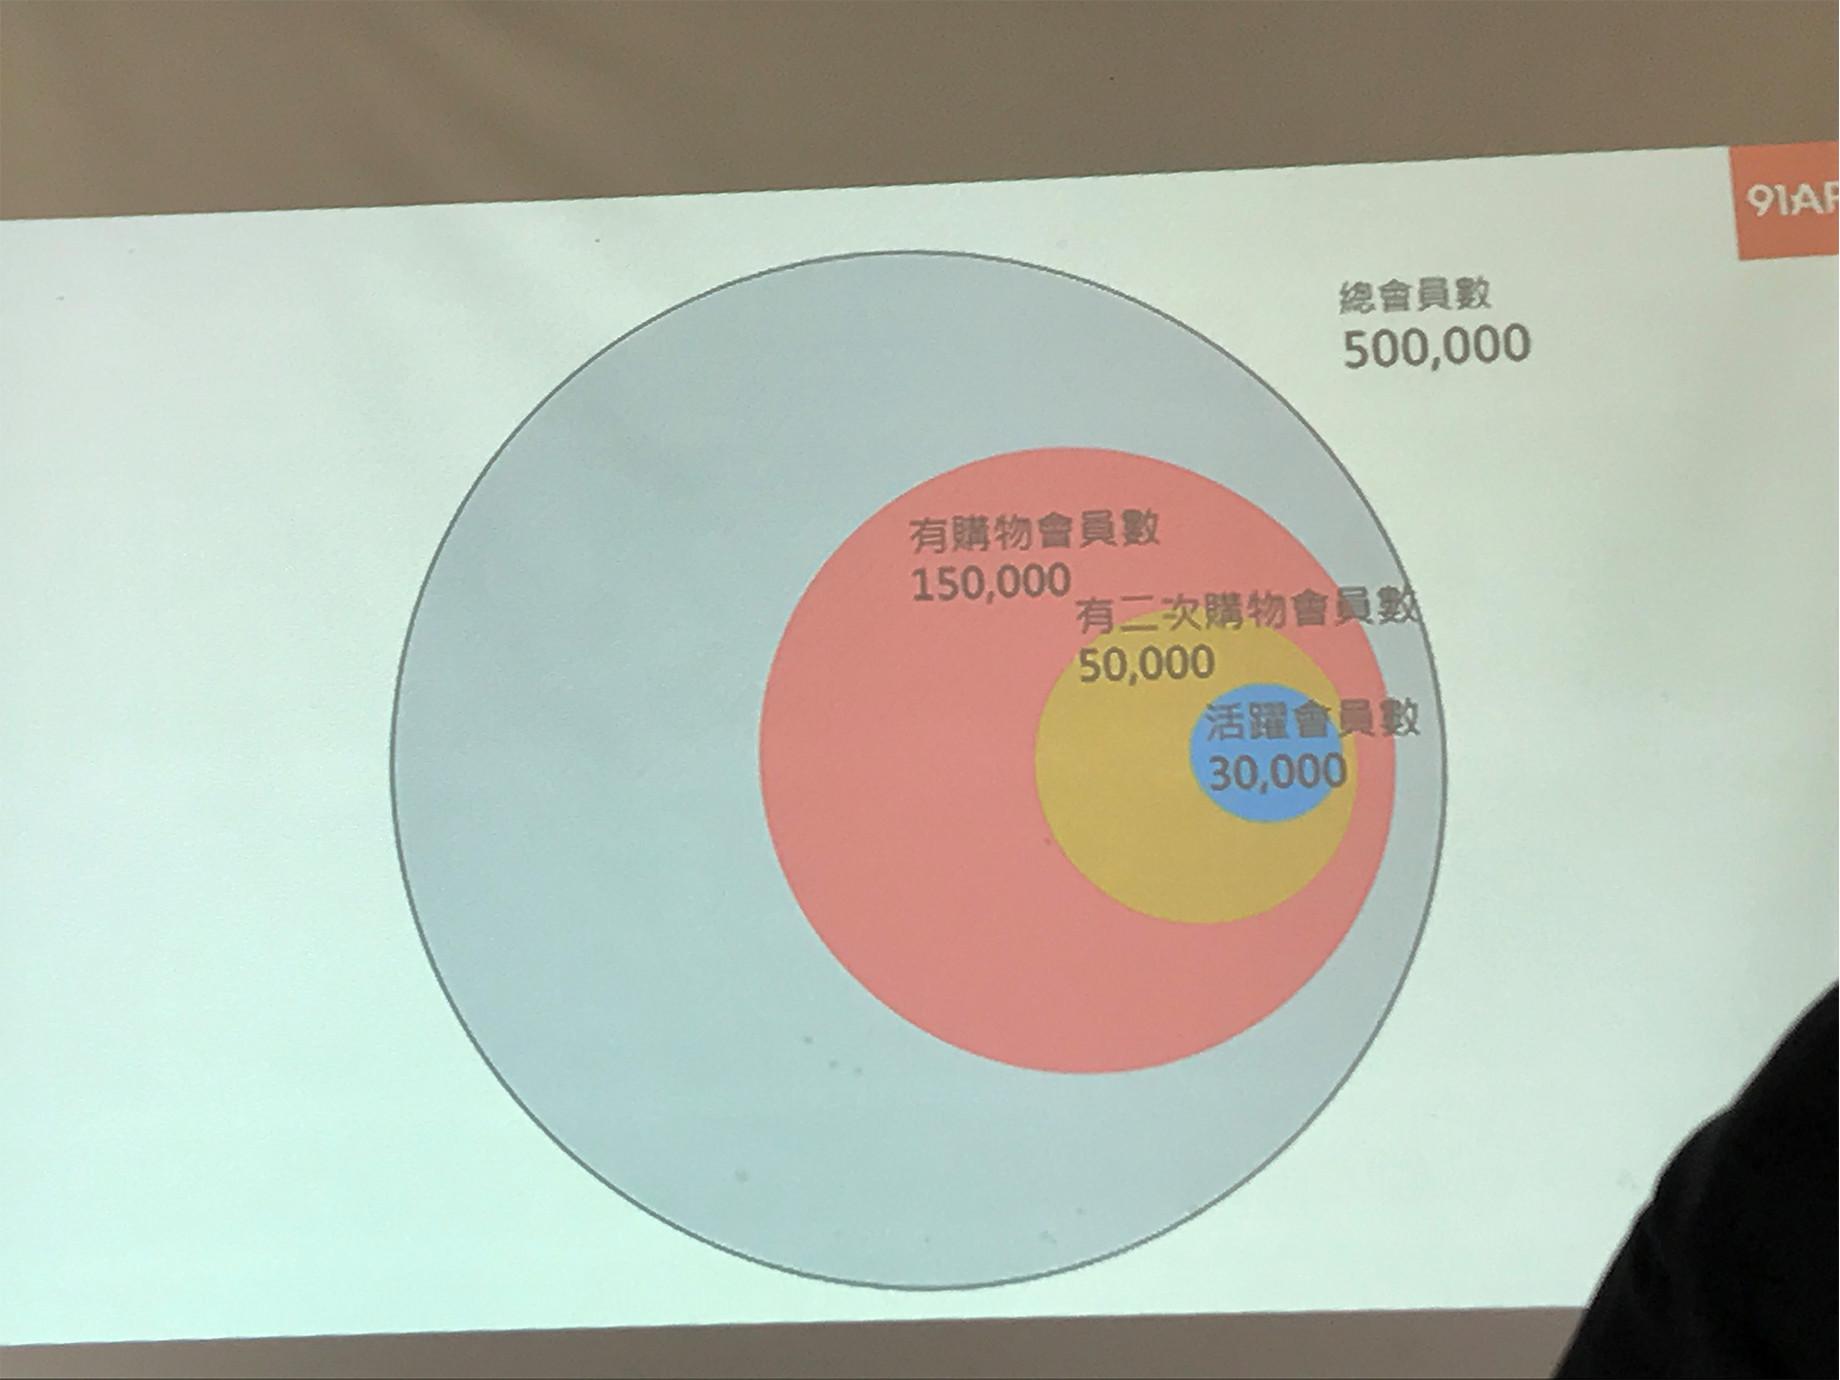 何英圻(91APP創辦人):串連,激發出新零售的力量